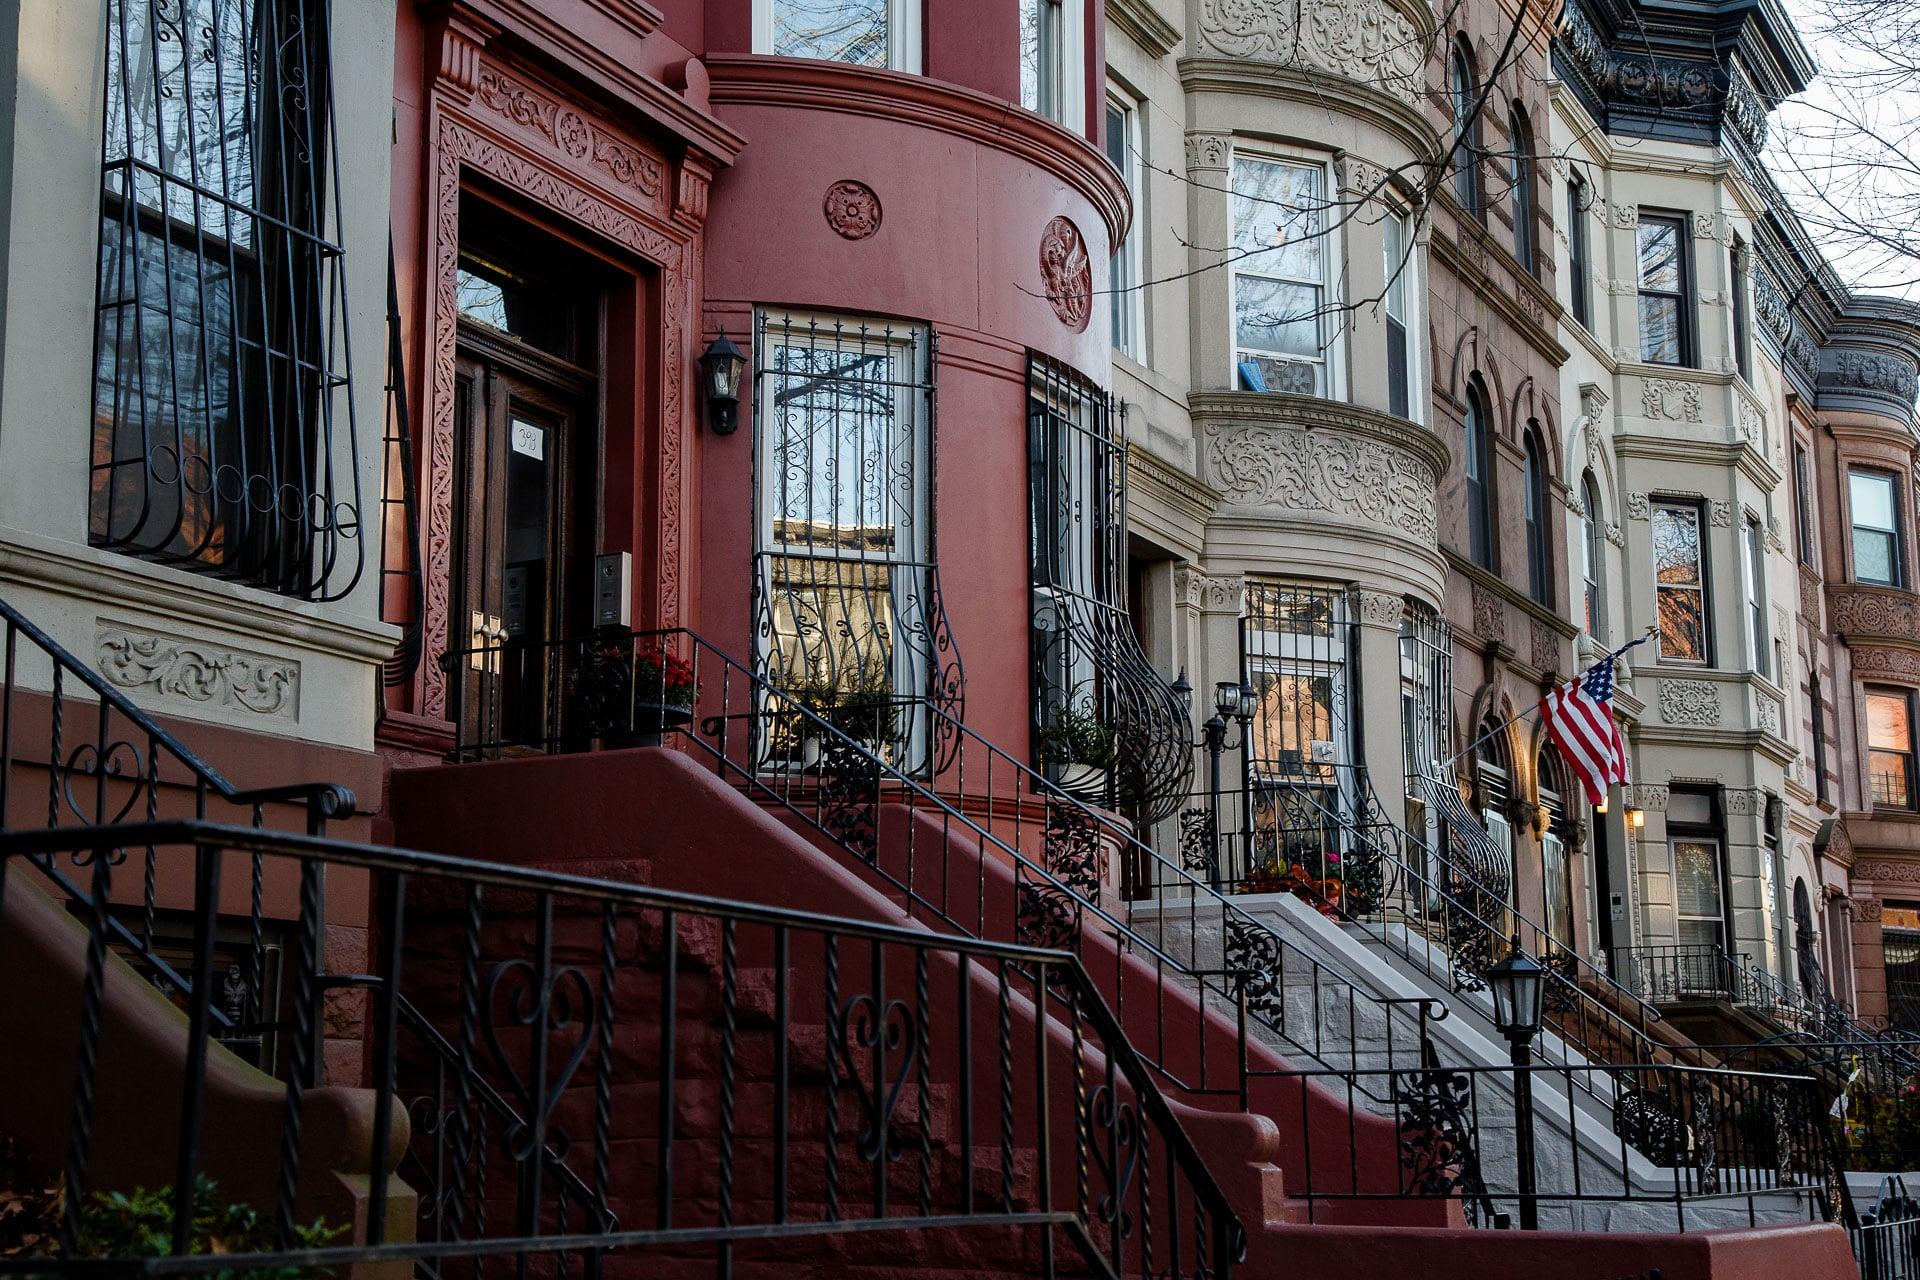 Brooklyn y queens nueva york mochilero digital - Casas en nueva york ...